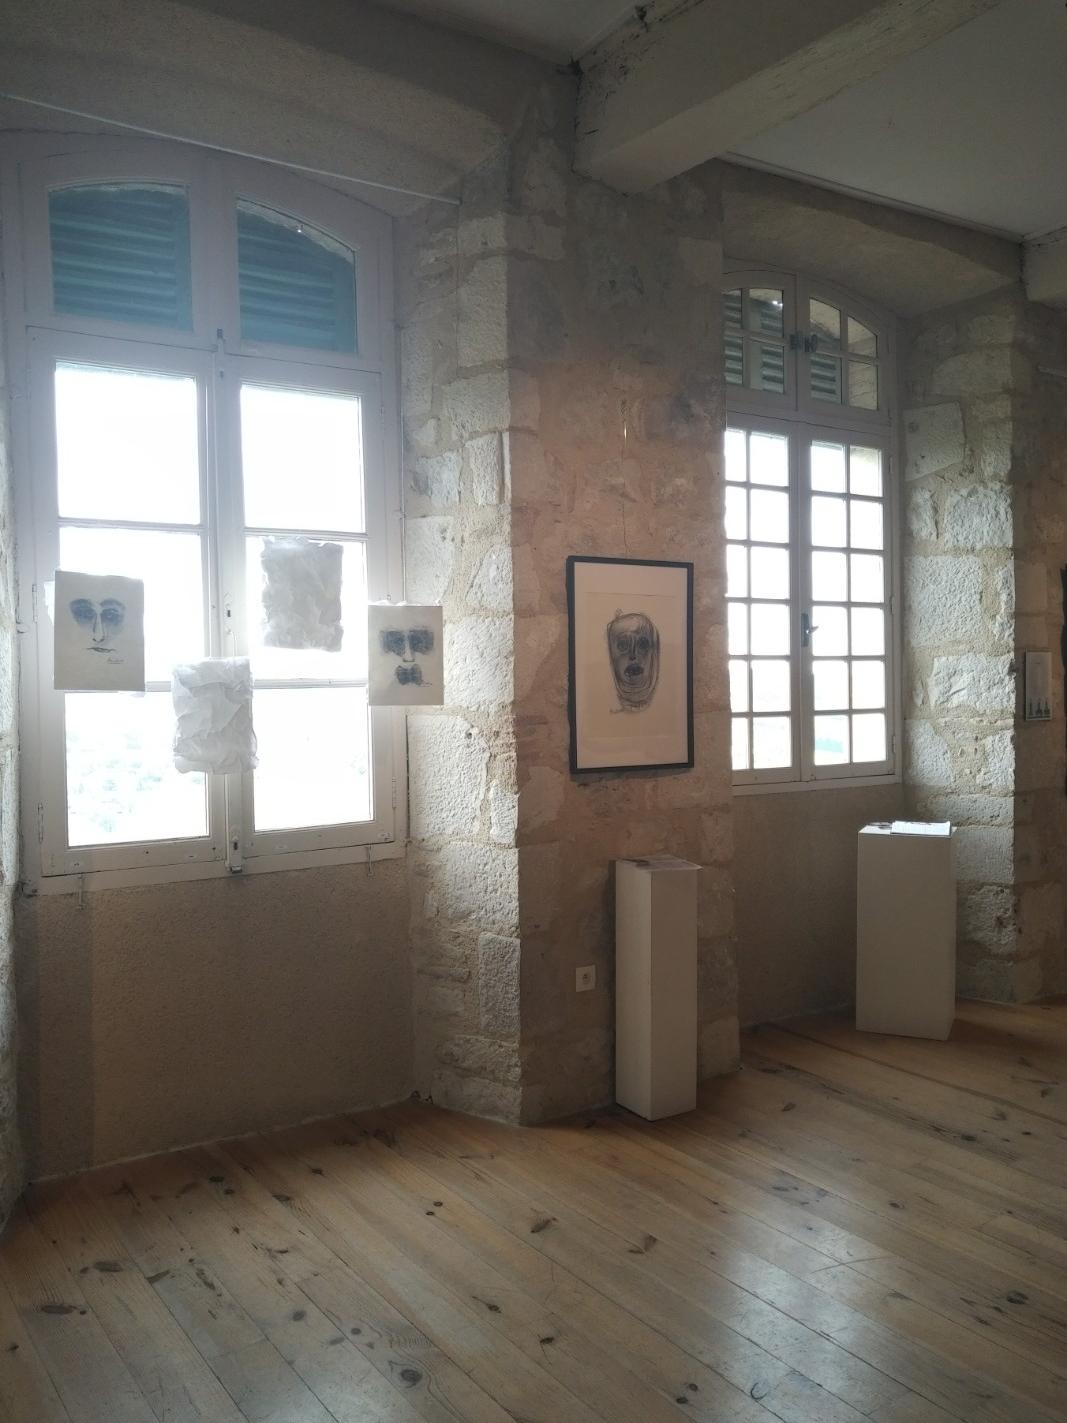 Exposition de juin 2018 Oeuvres de Delphine Alliens